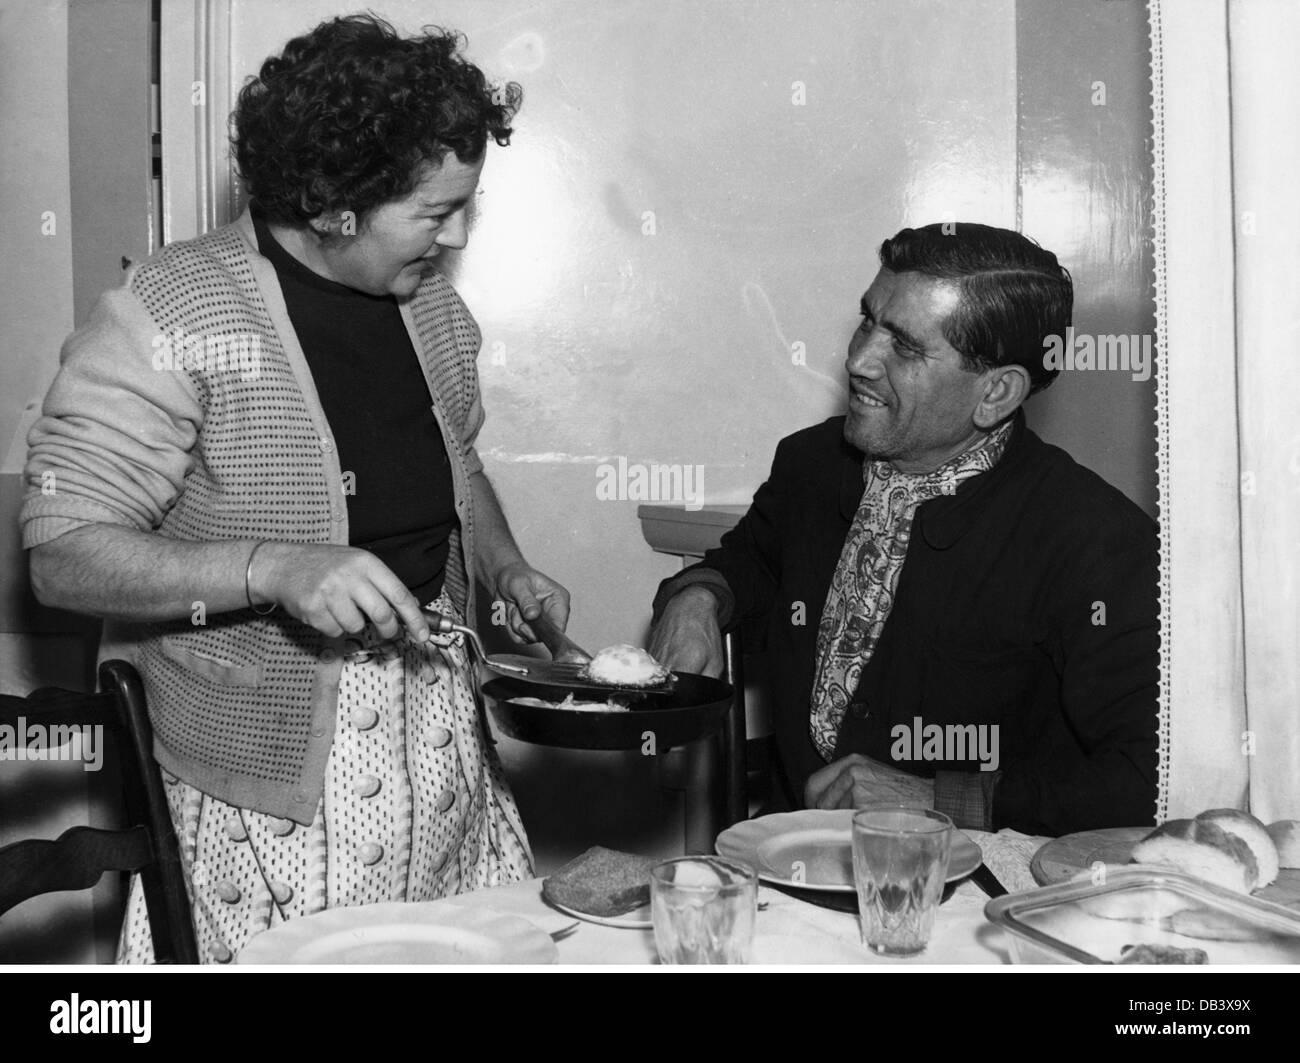 Haushalt Kochen und Backen mit Küche zu ihrem Ehemann 1956 der 1950er Jahre 50er Jahre des 20